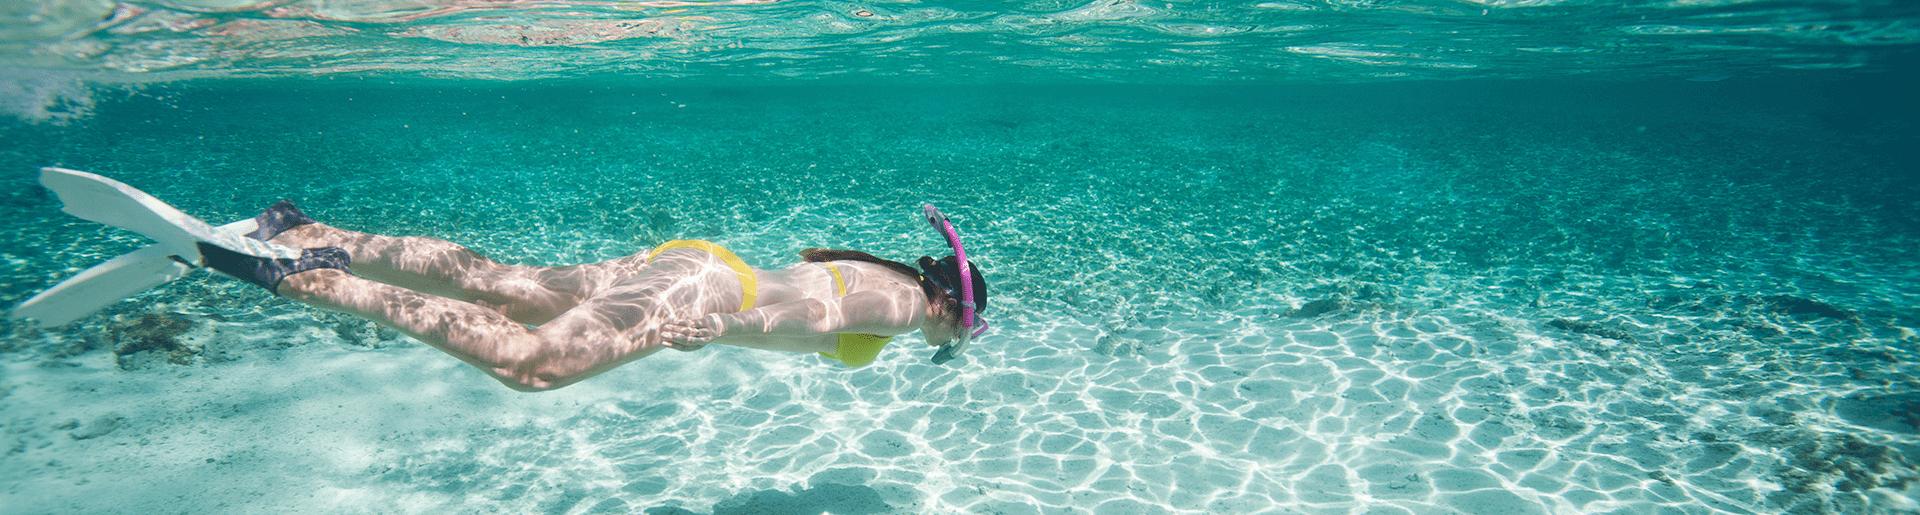 viagenza chica haciendo snorkeling